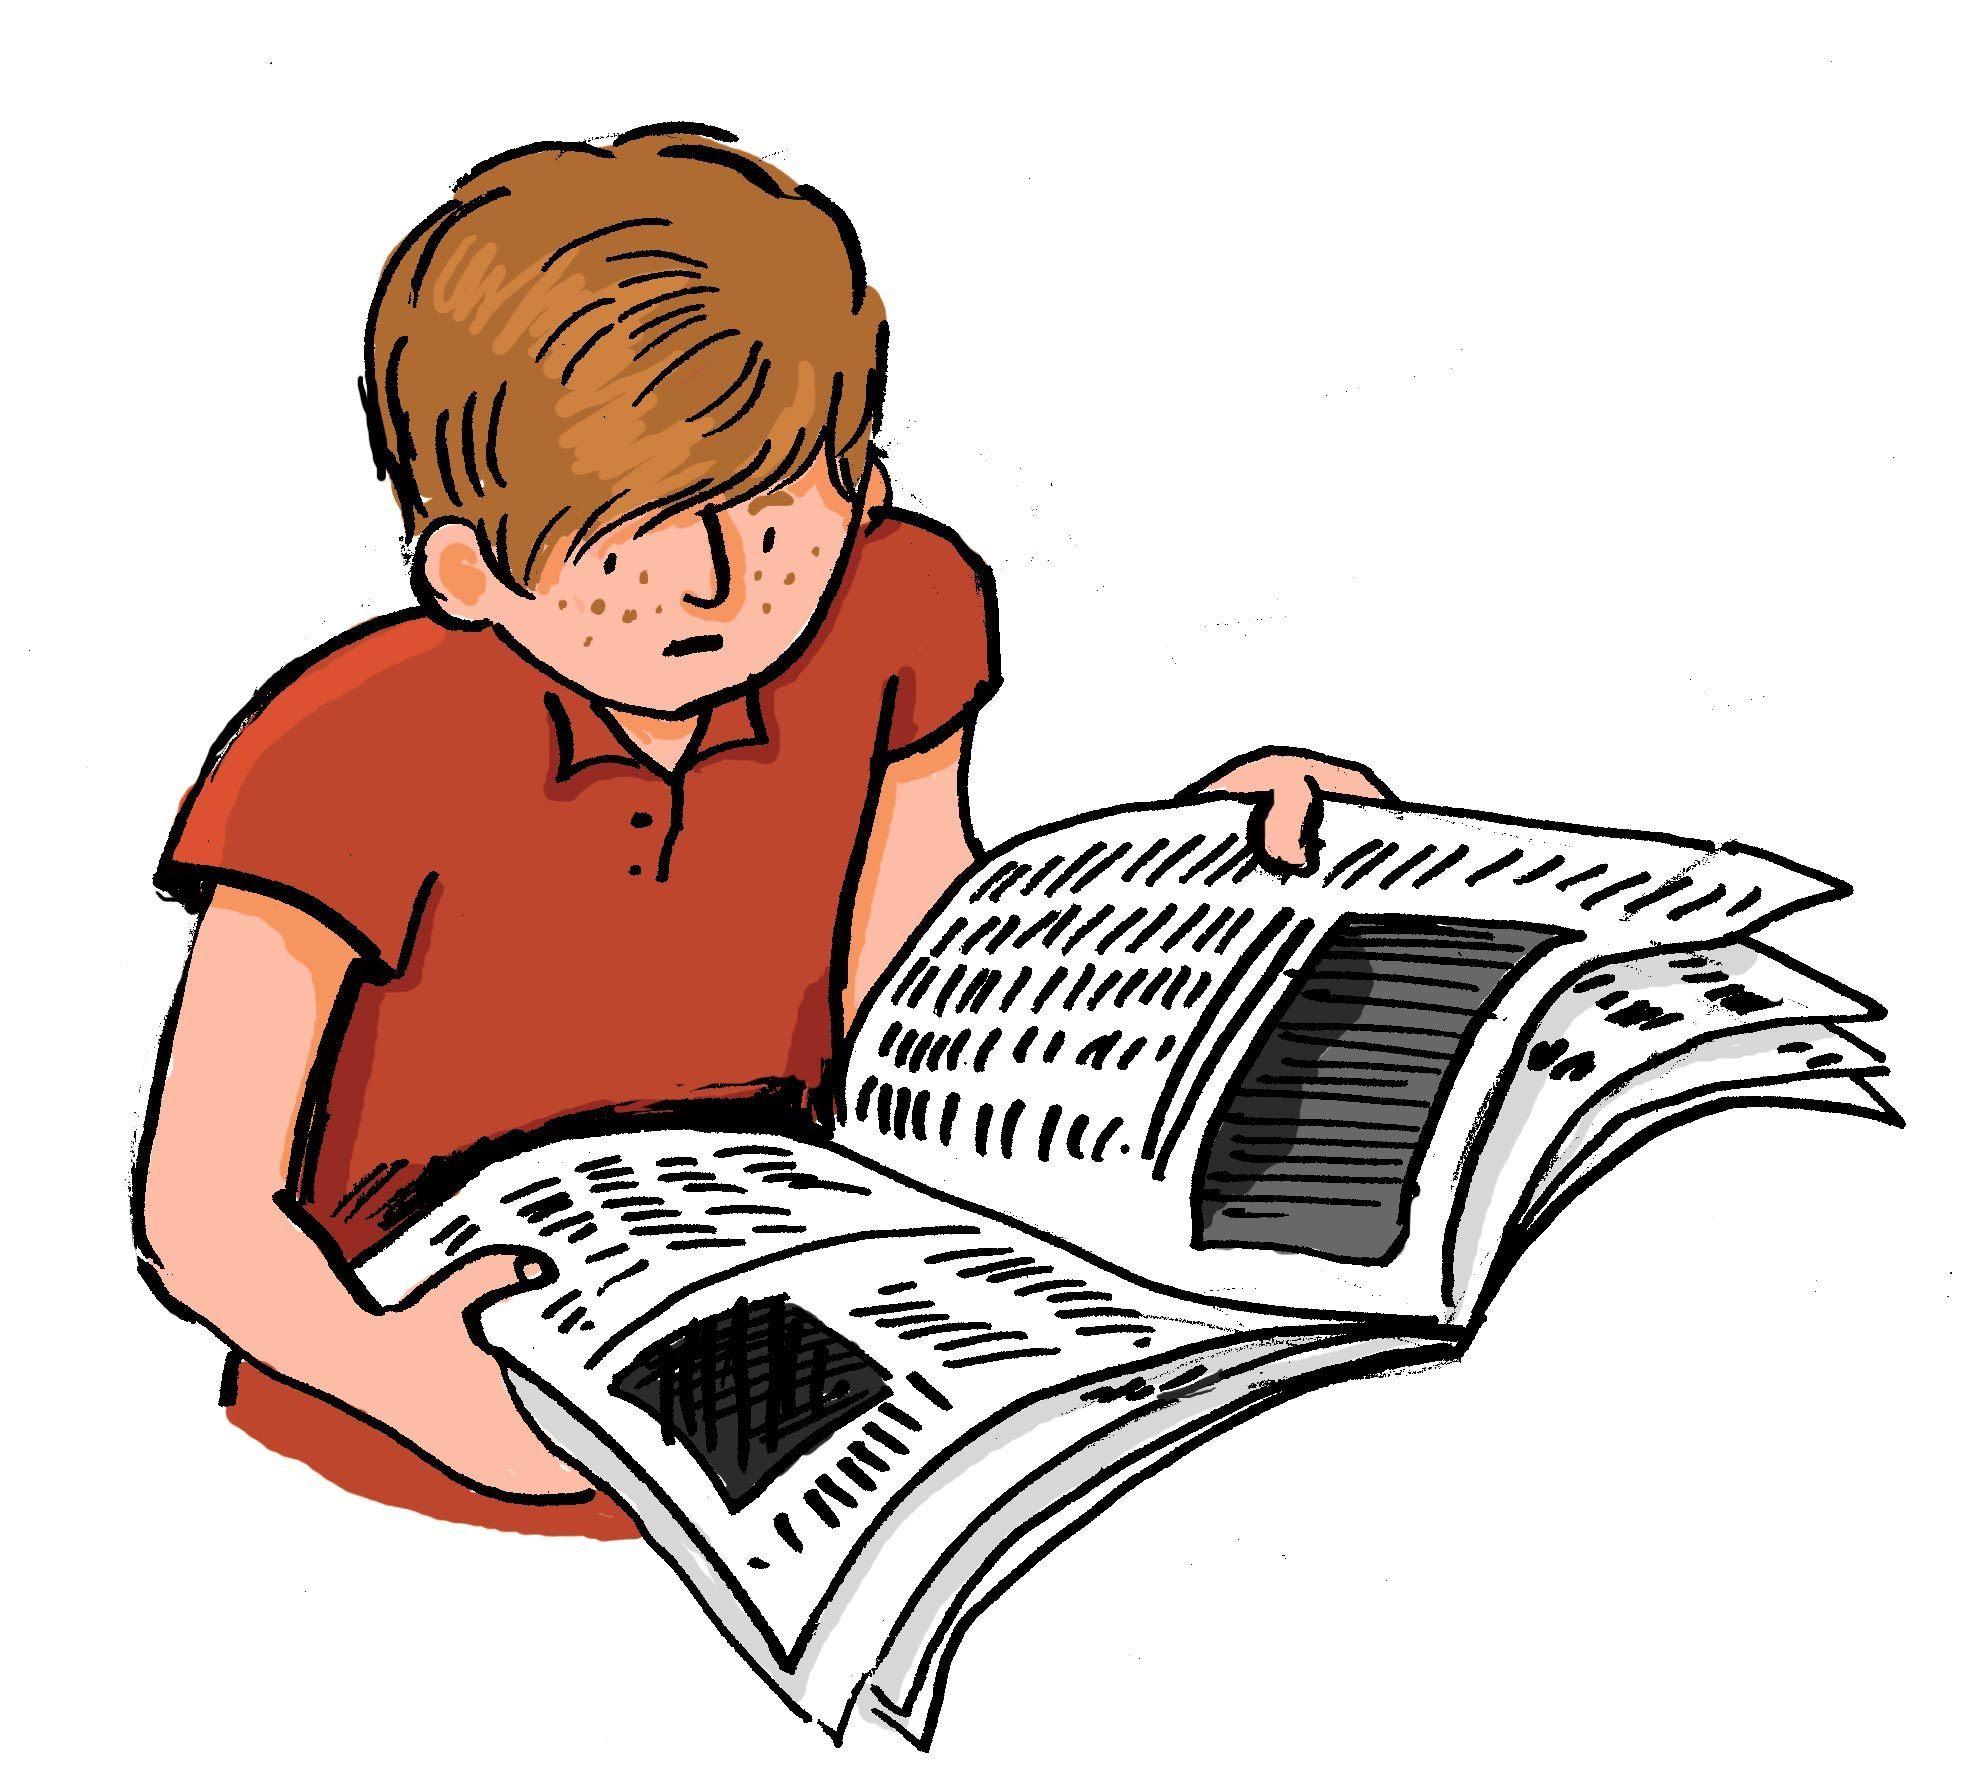 François achète un journal de 30 pages.